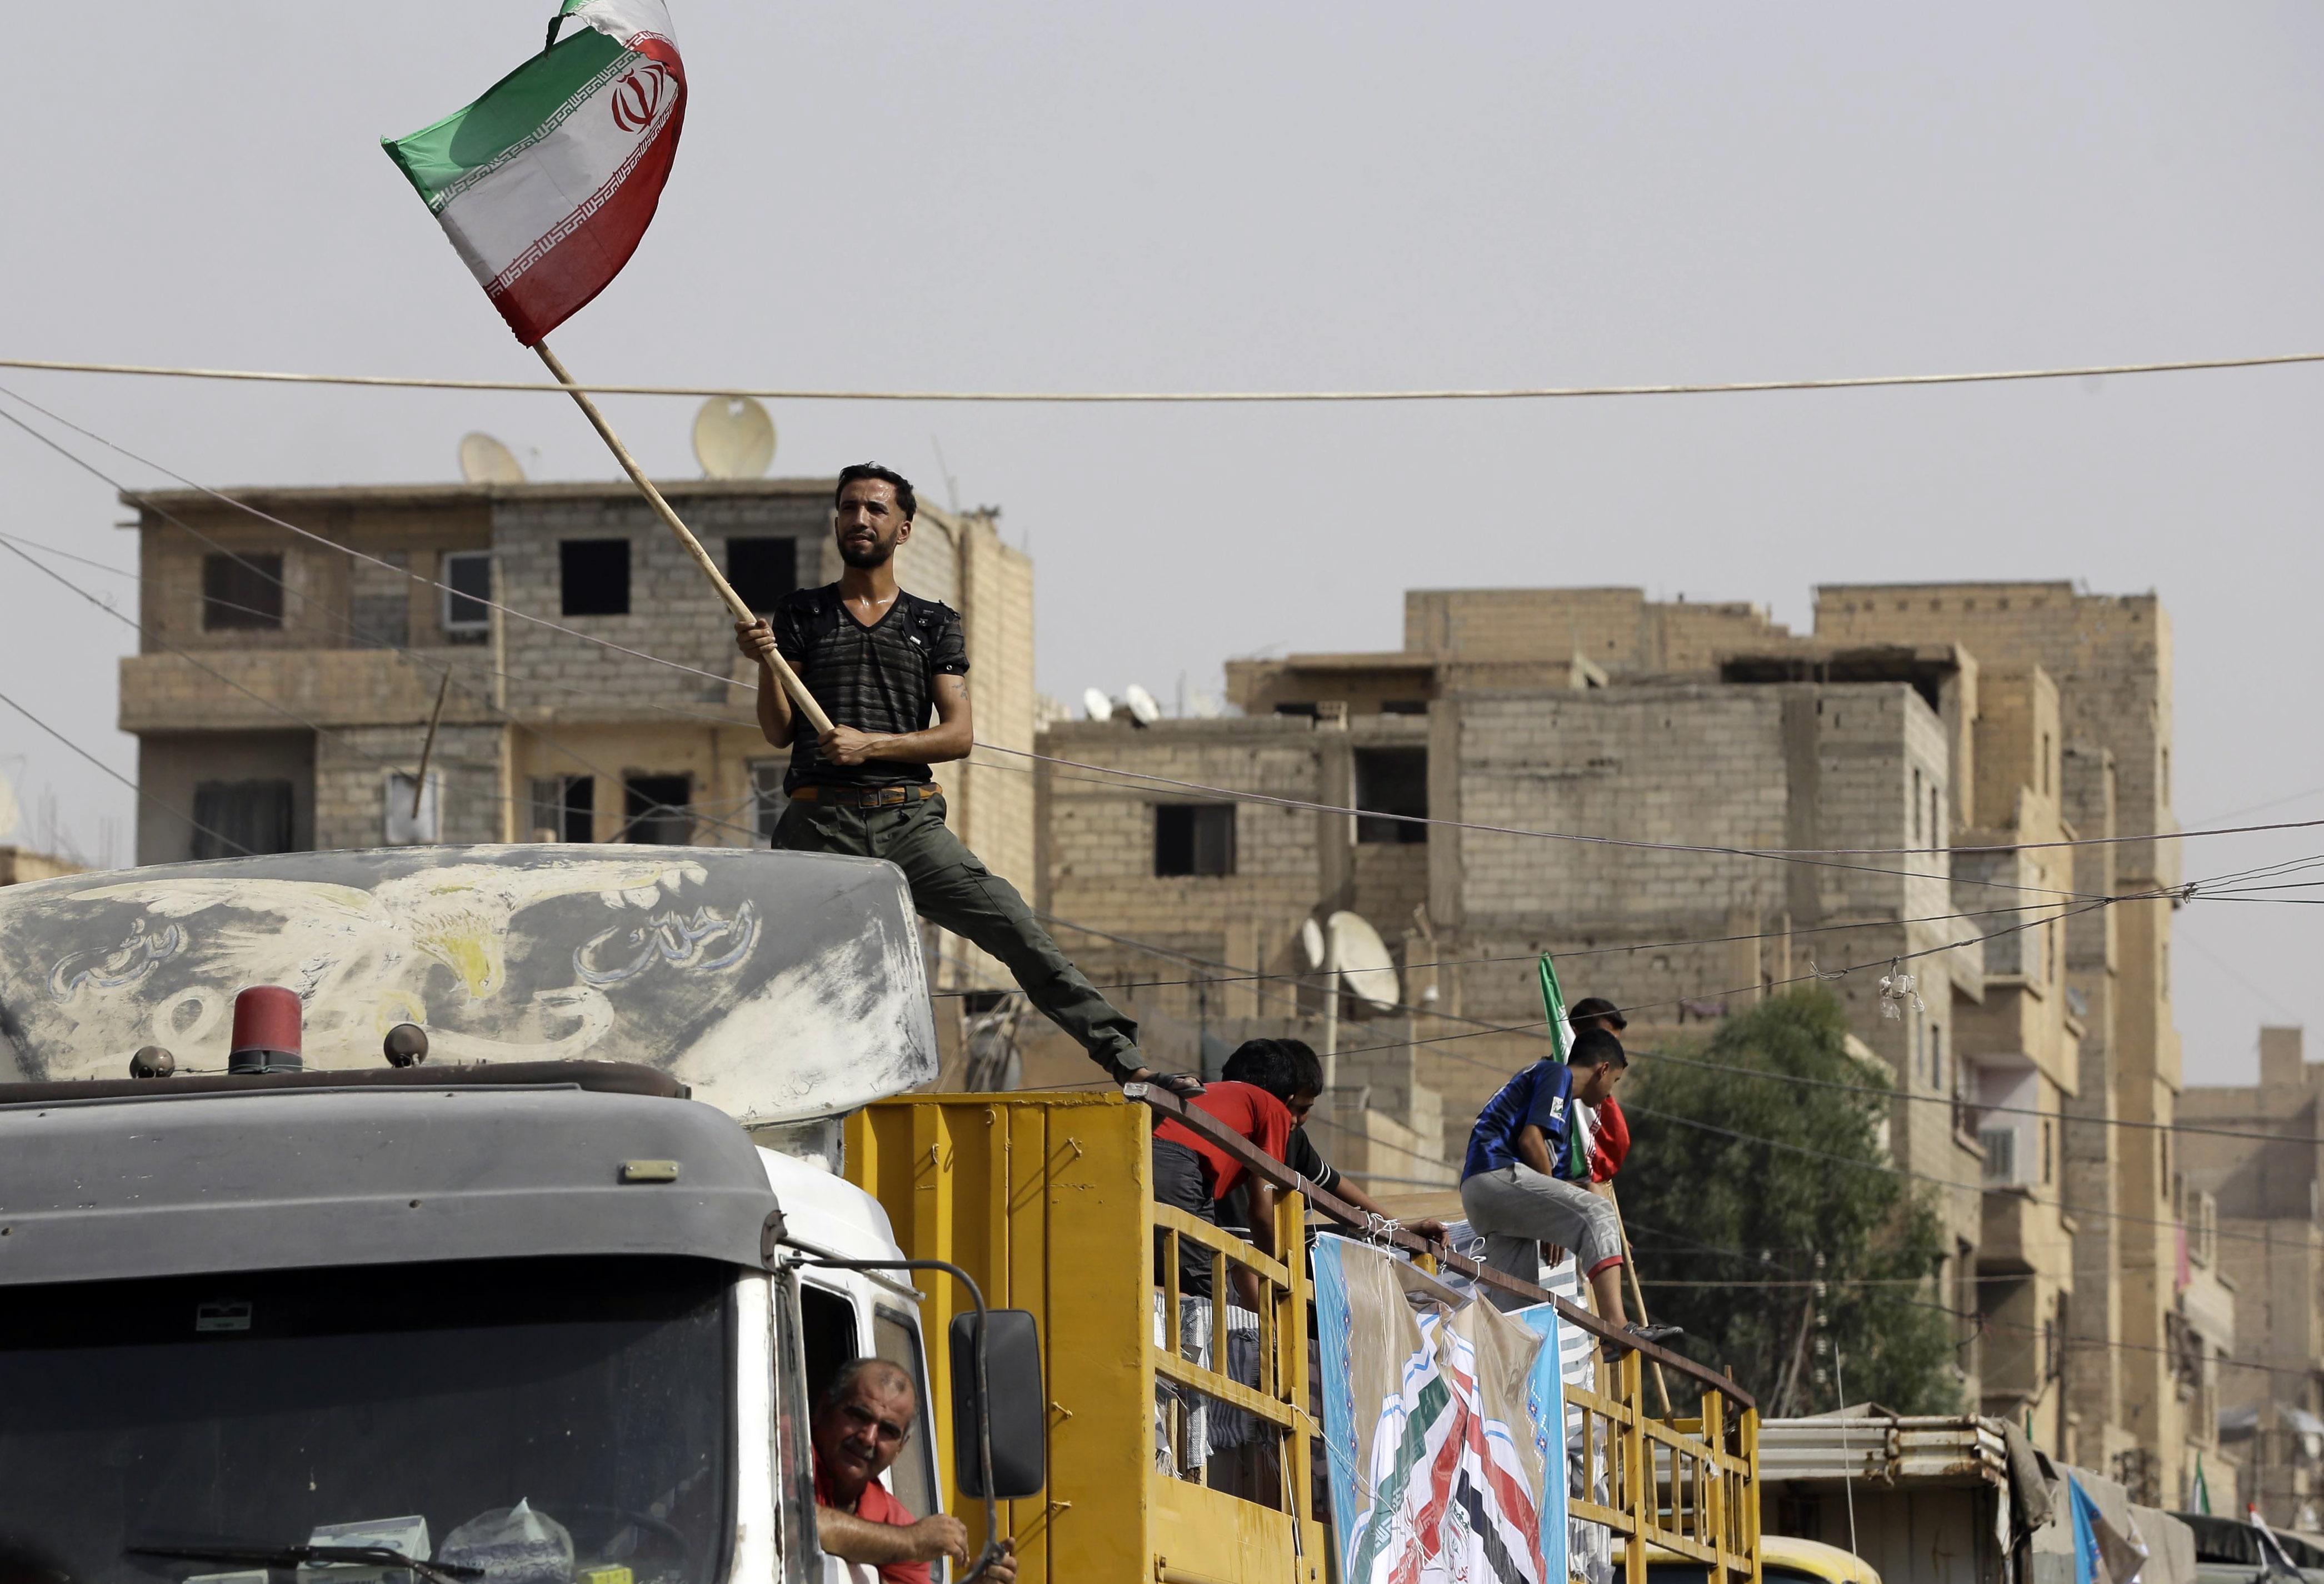 فقدان سلیمانی مشکلی برای ایران در سوریه ایجاد نکرده است